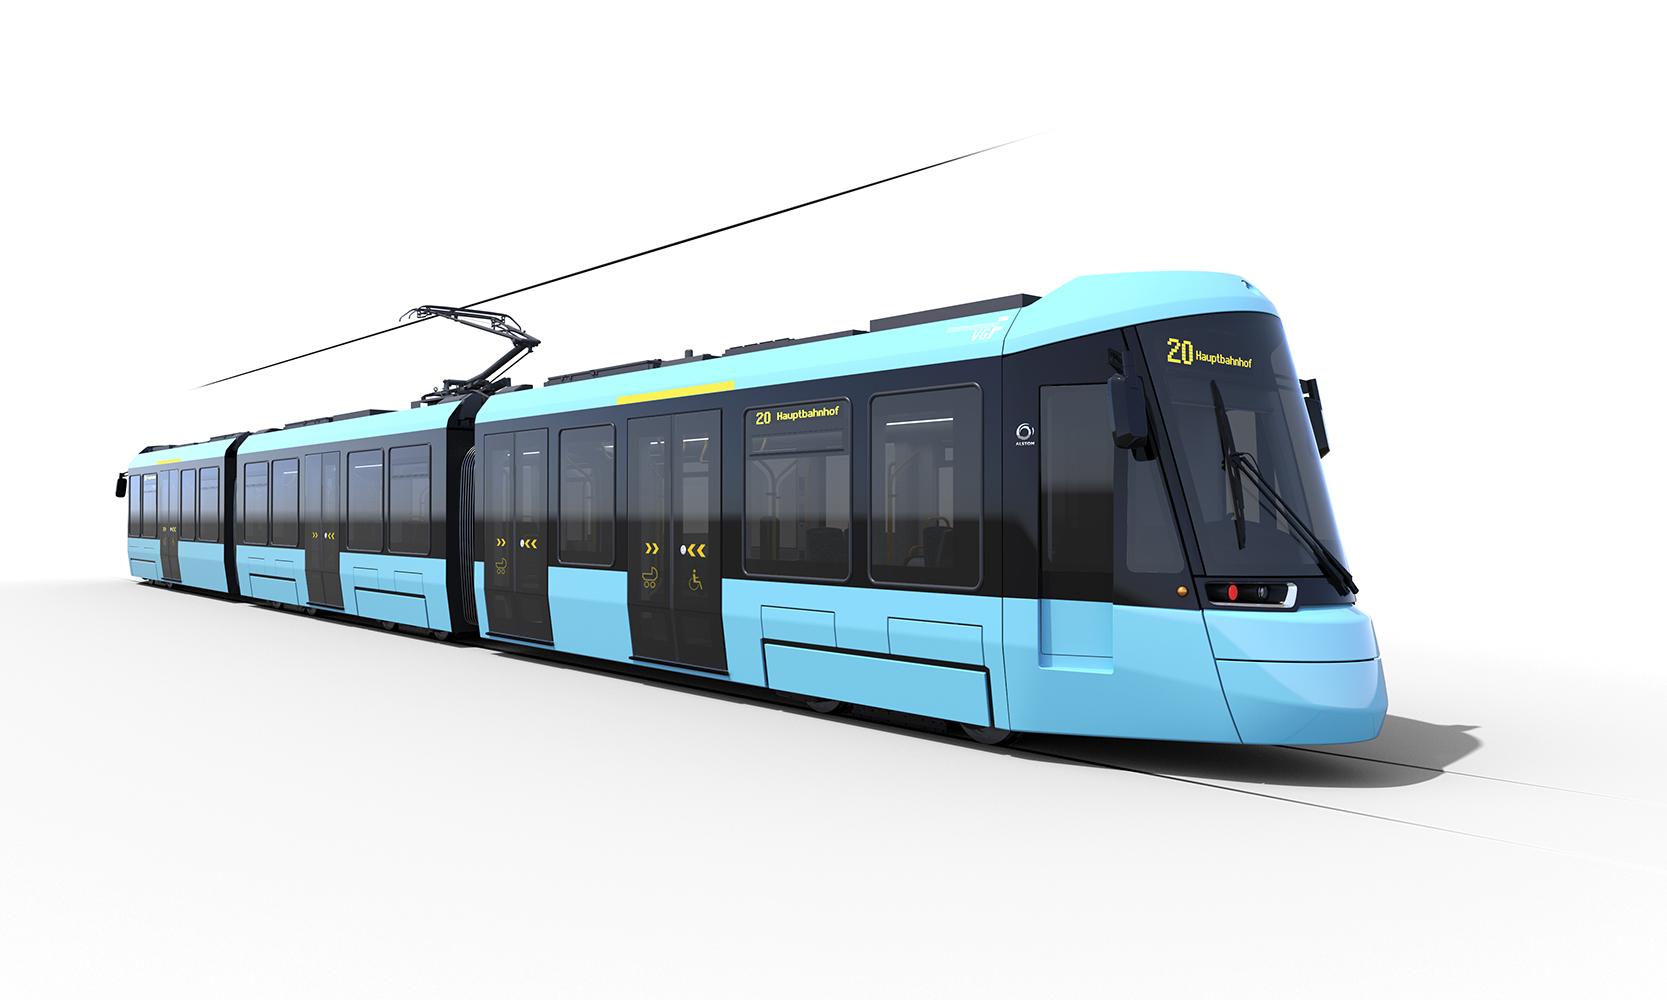 Grafische Darstellung des Wagentyps T der Frankfurter Straßenbahn